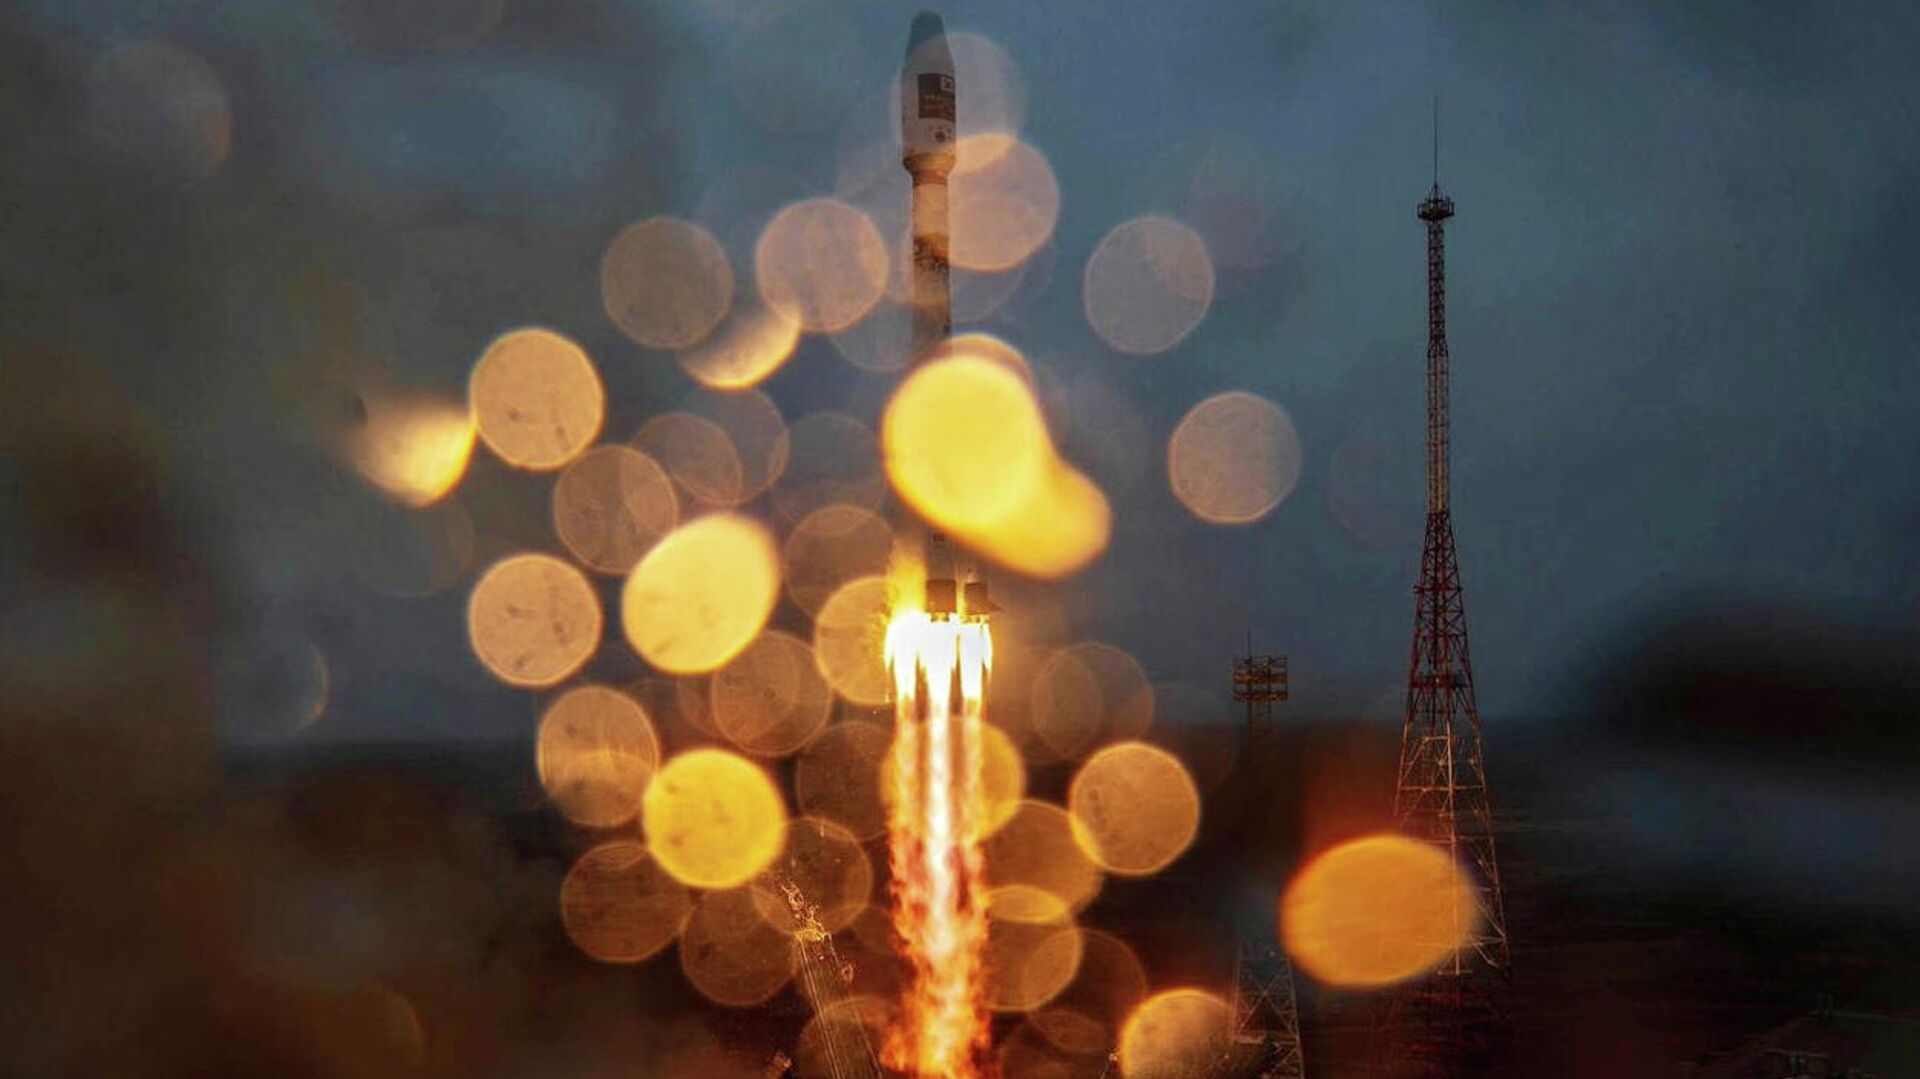 Un cohete (imagen referencial) - Sputnik Mundo, 1920, 05.04.2021